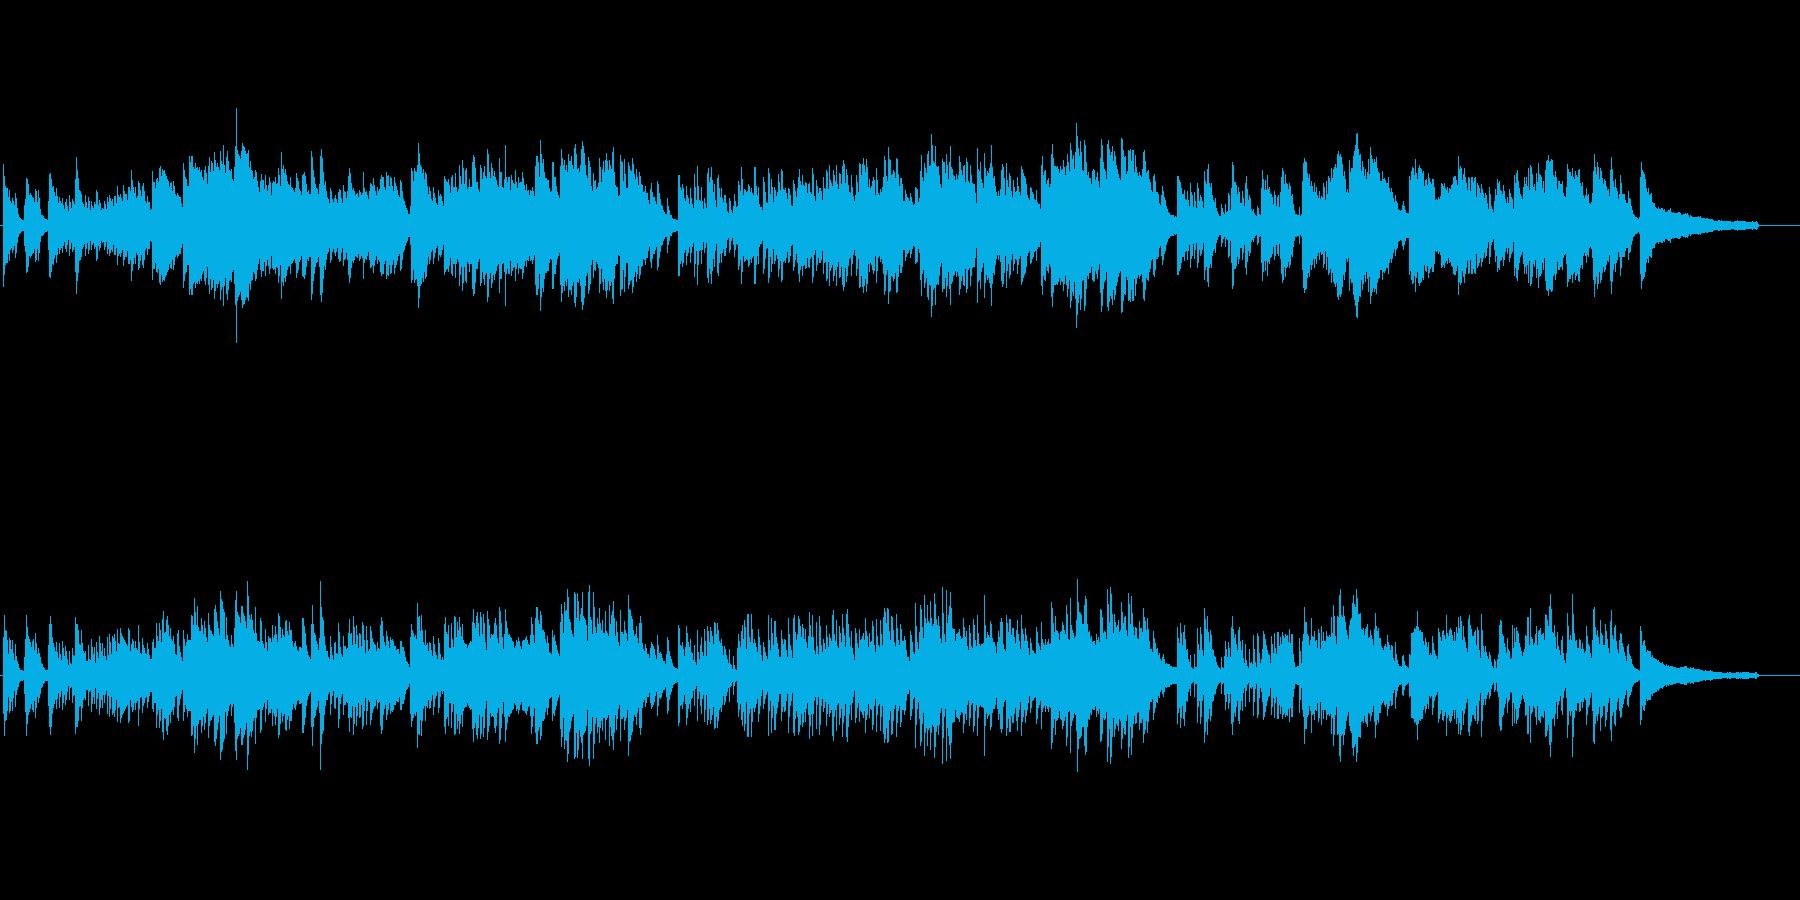 やや日本的な旋律のしっとりピアノソロ楽曲の再生済みの波形